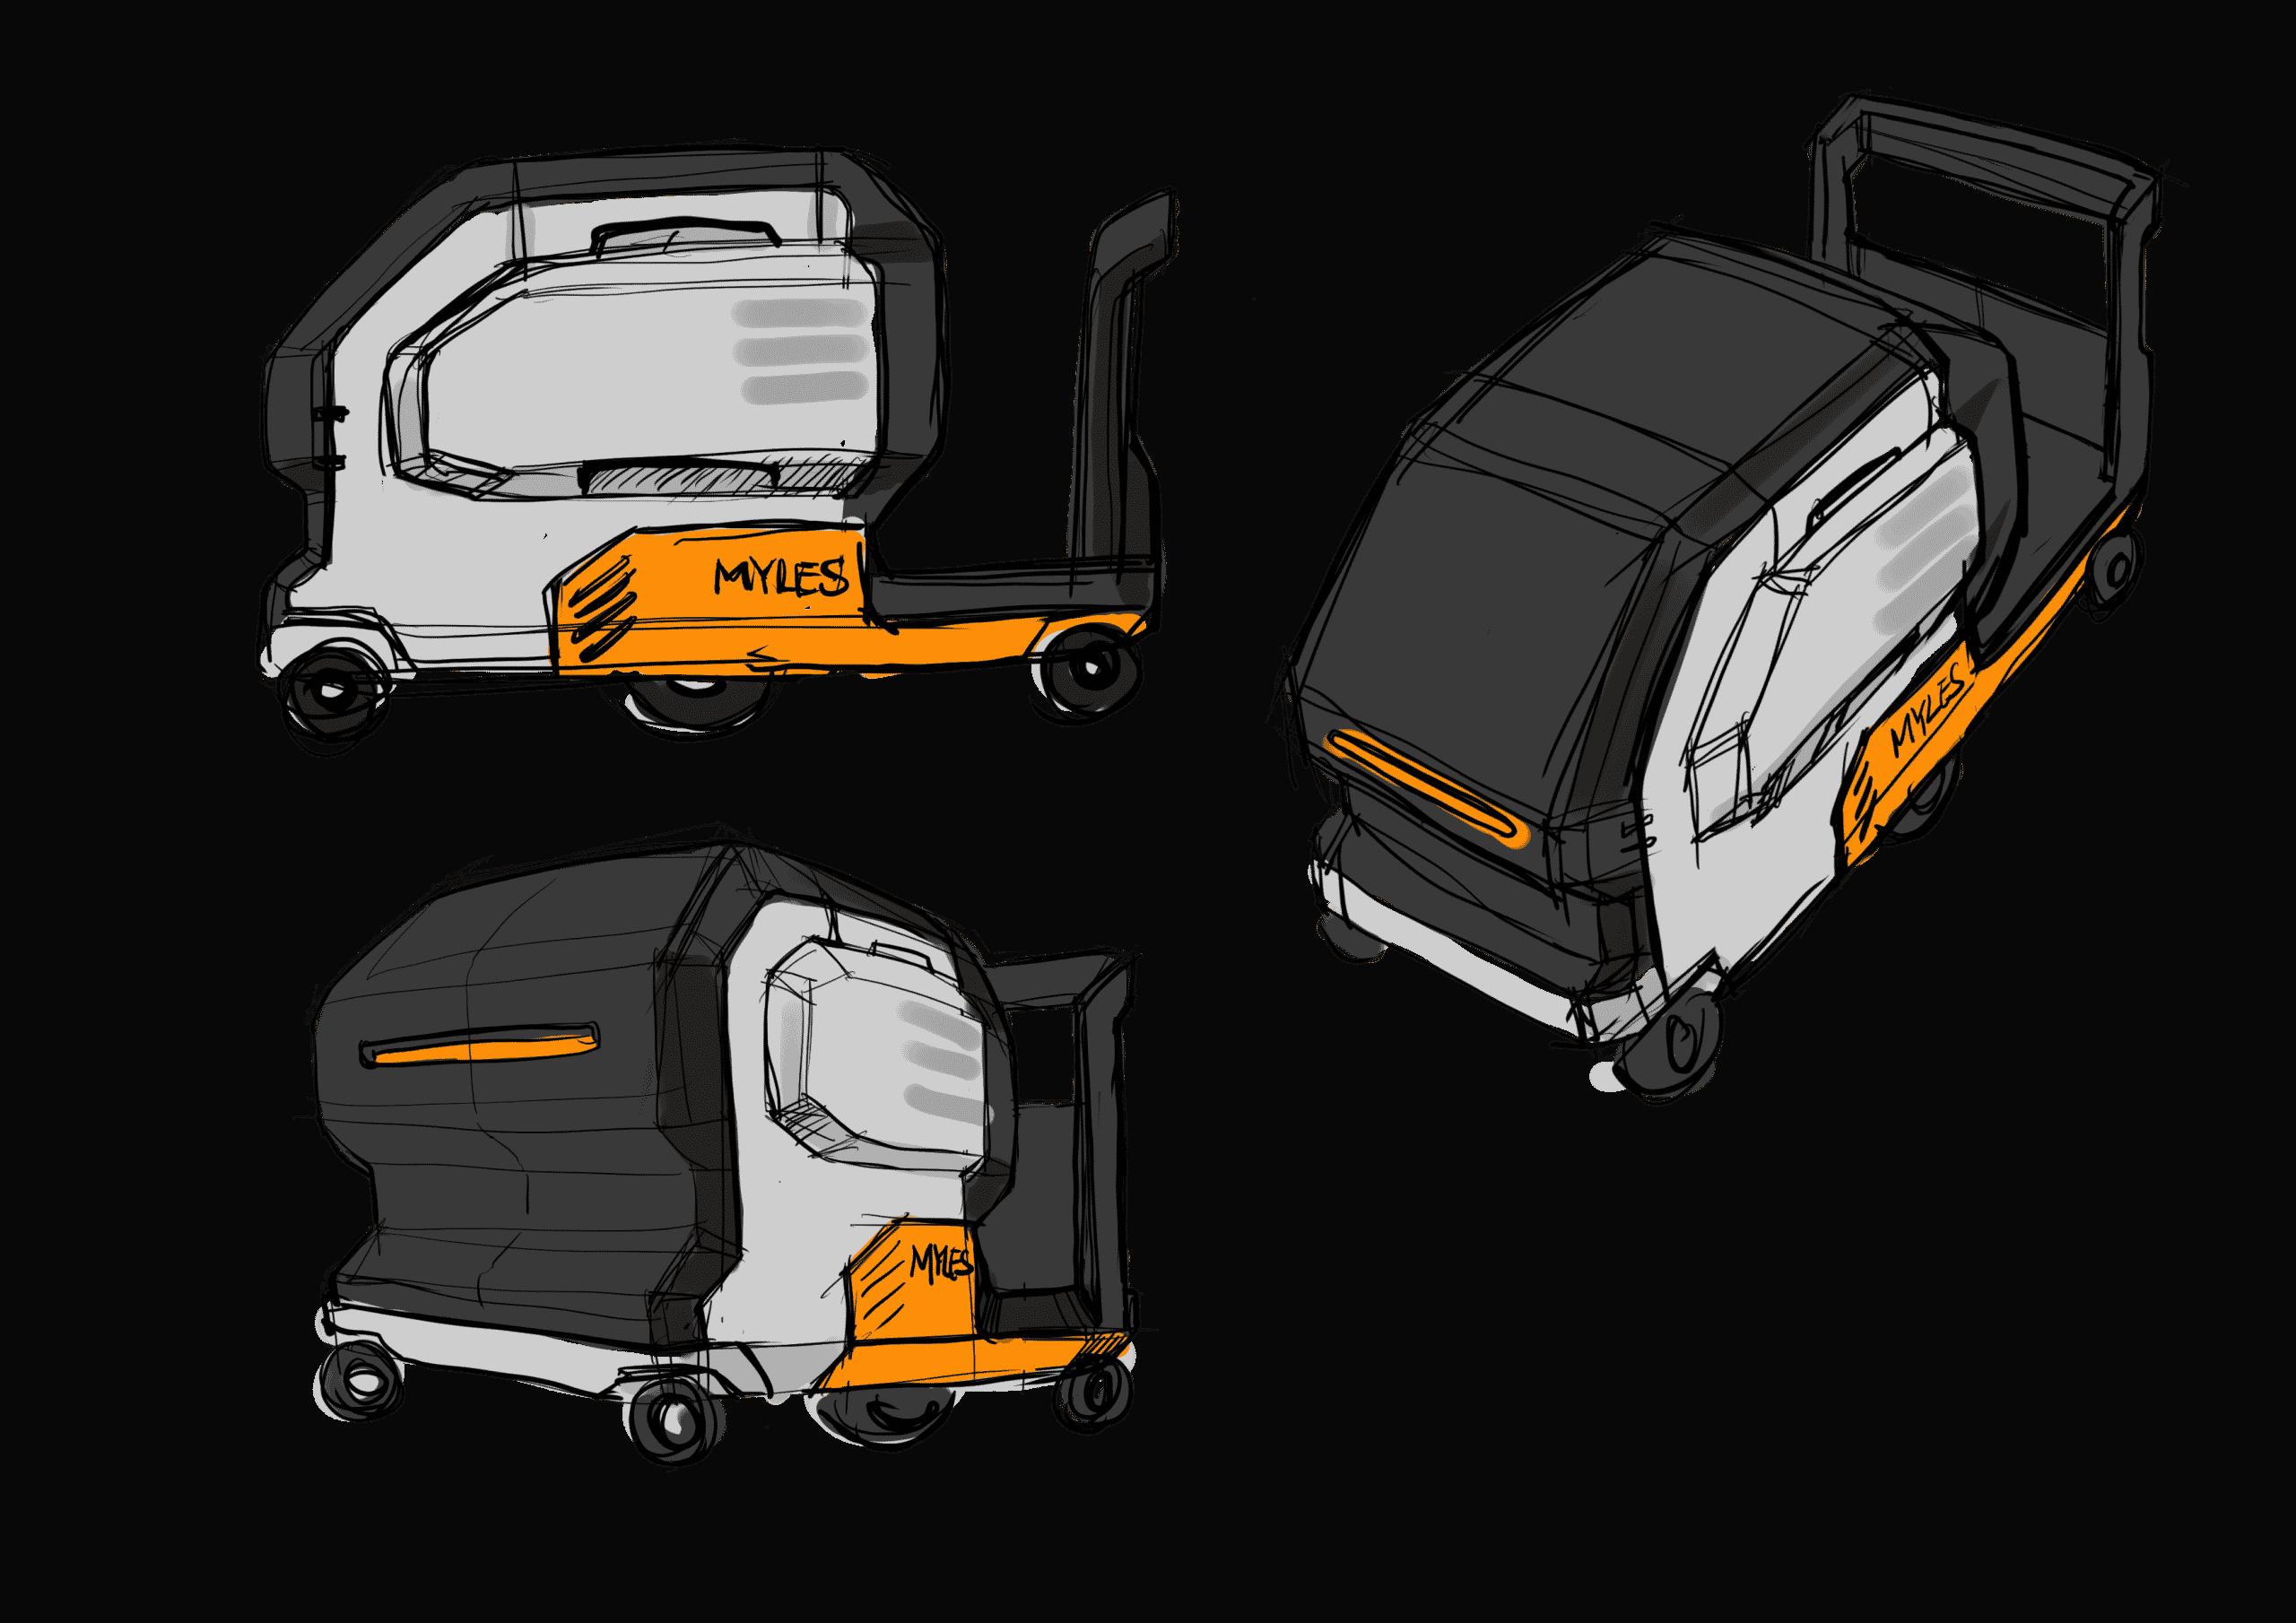 Myles - Sketch - 1